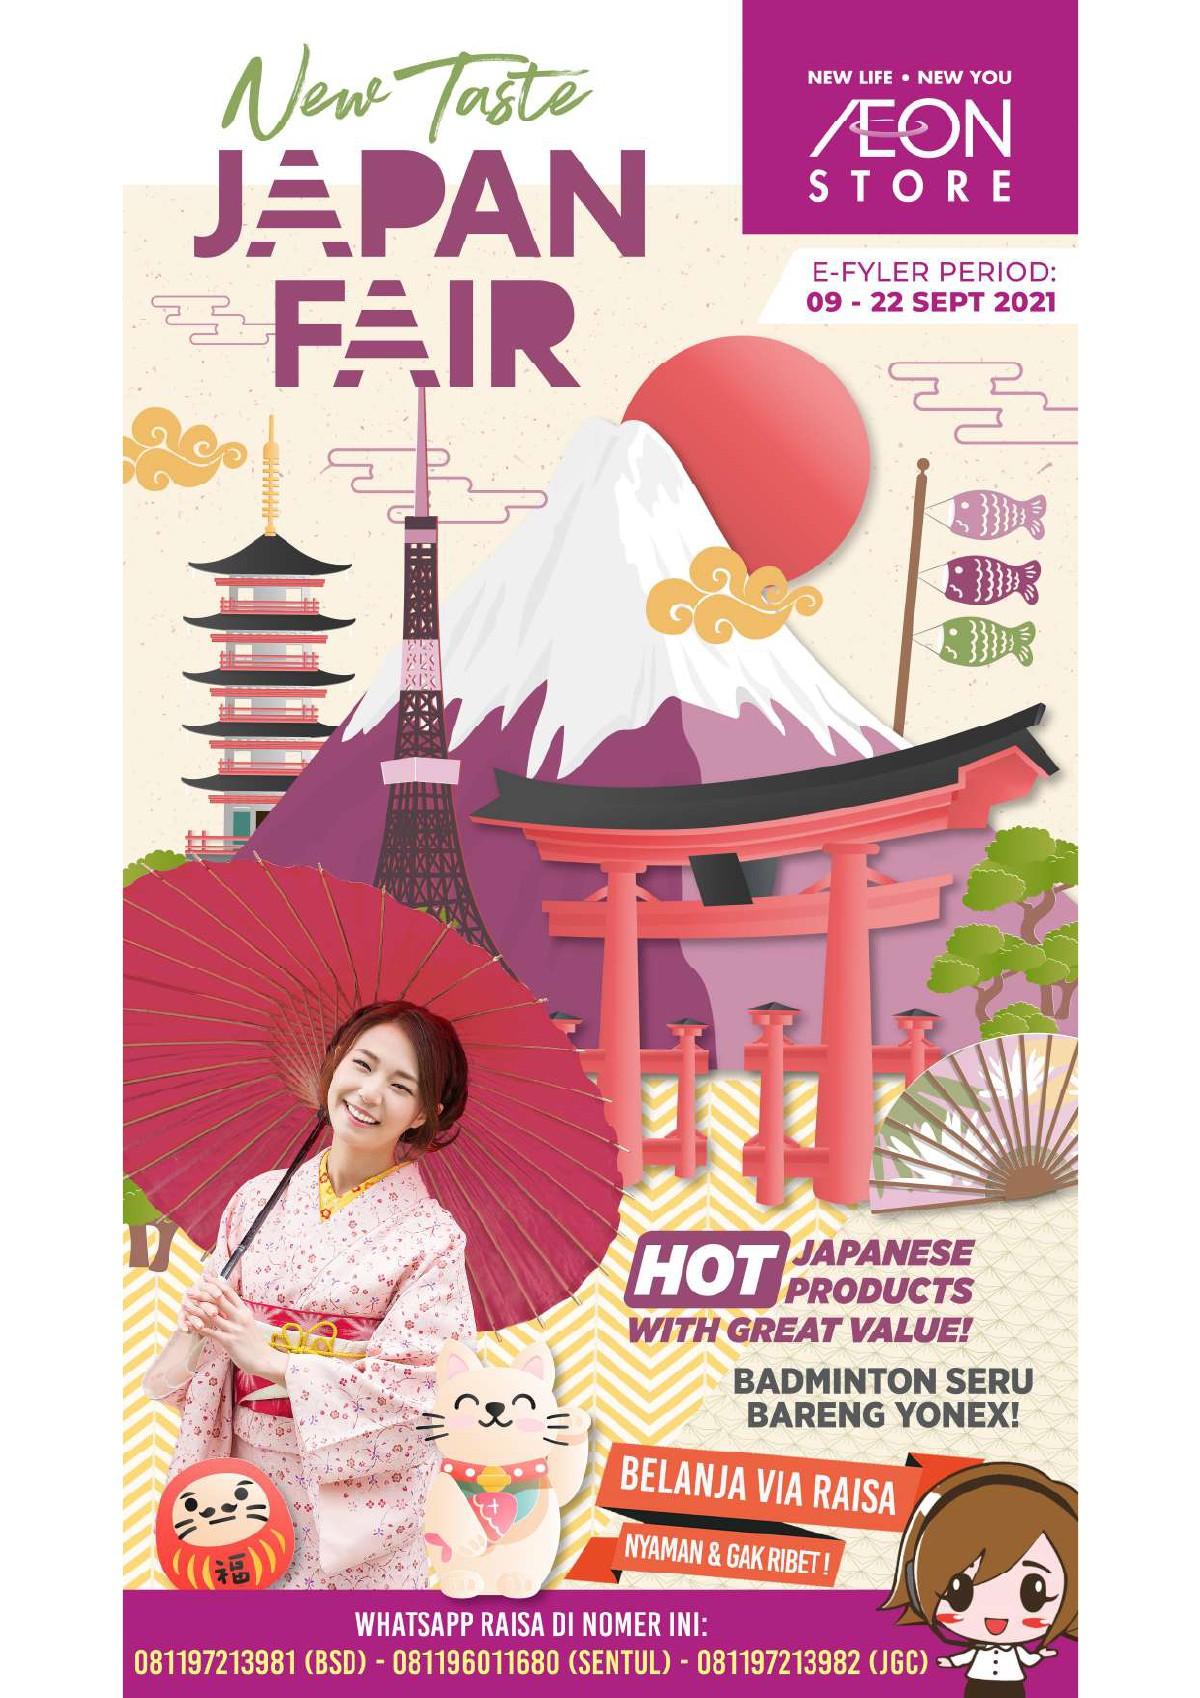 Katalog Promo Aeon Store Indonesia periode 09-22 September 2021